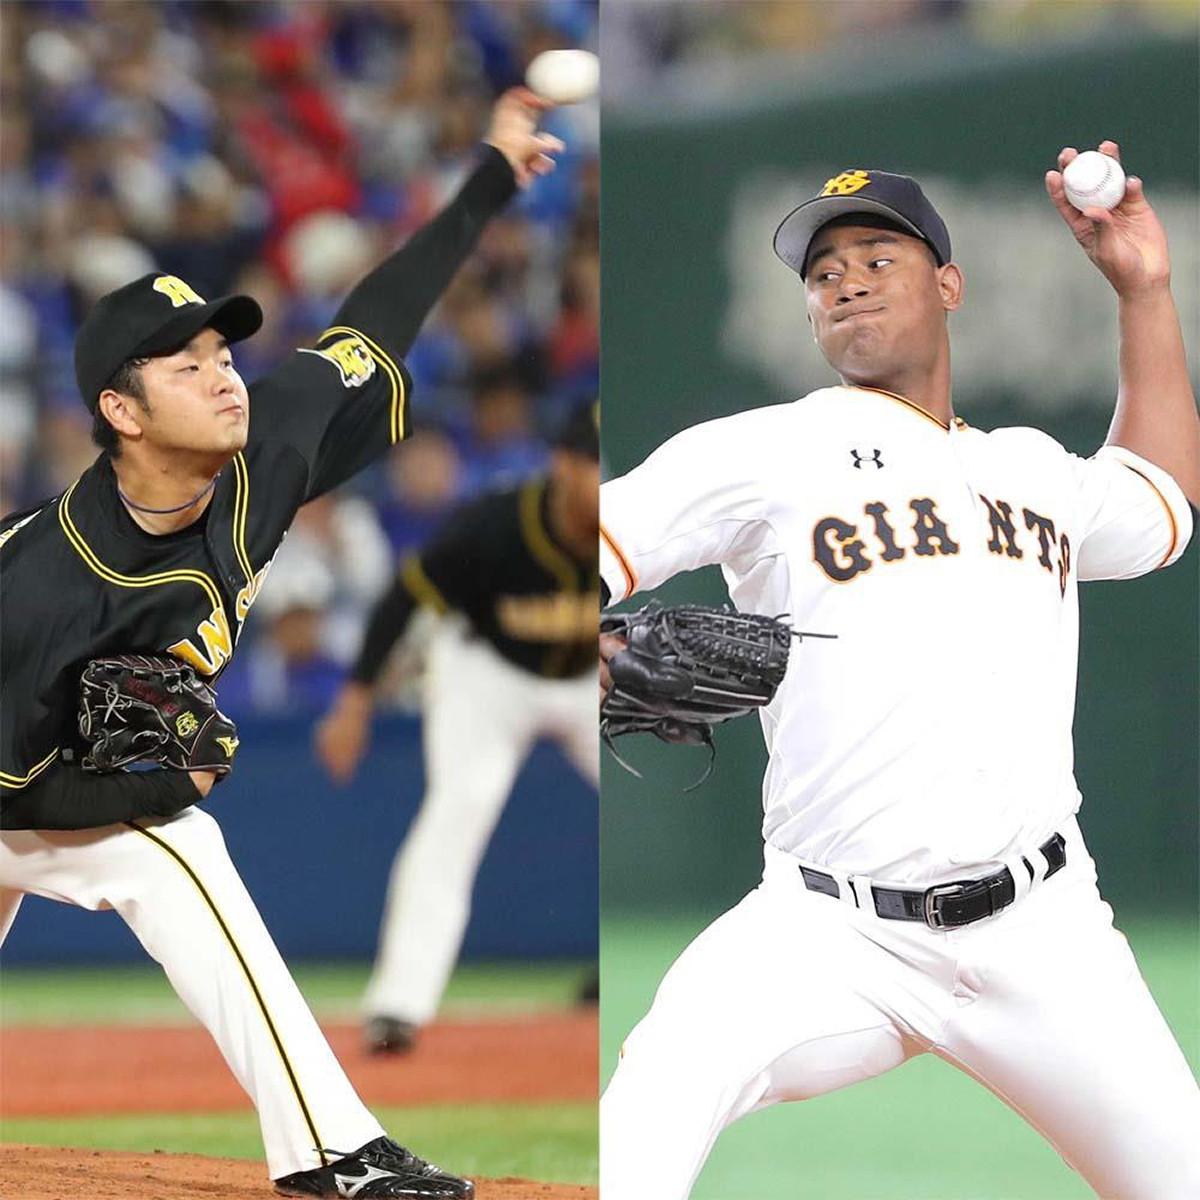 巨人・メルセデス(右)と阪神・高橋遥